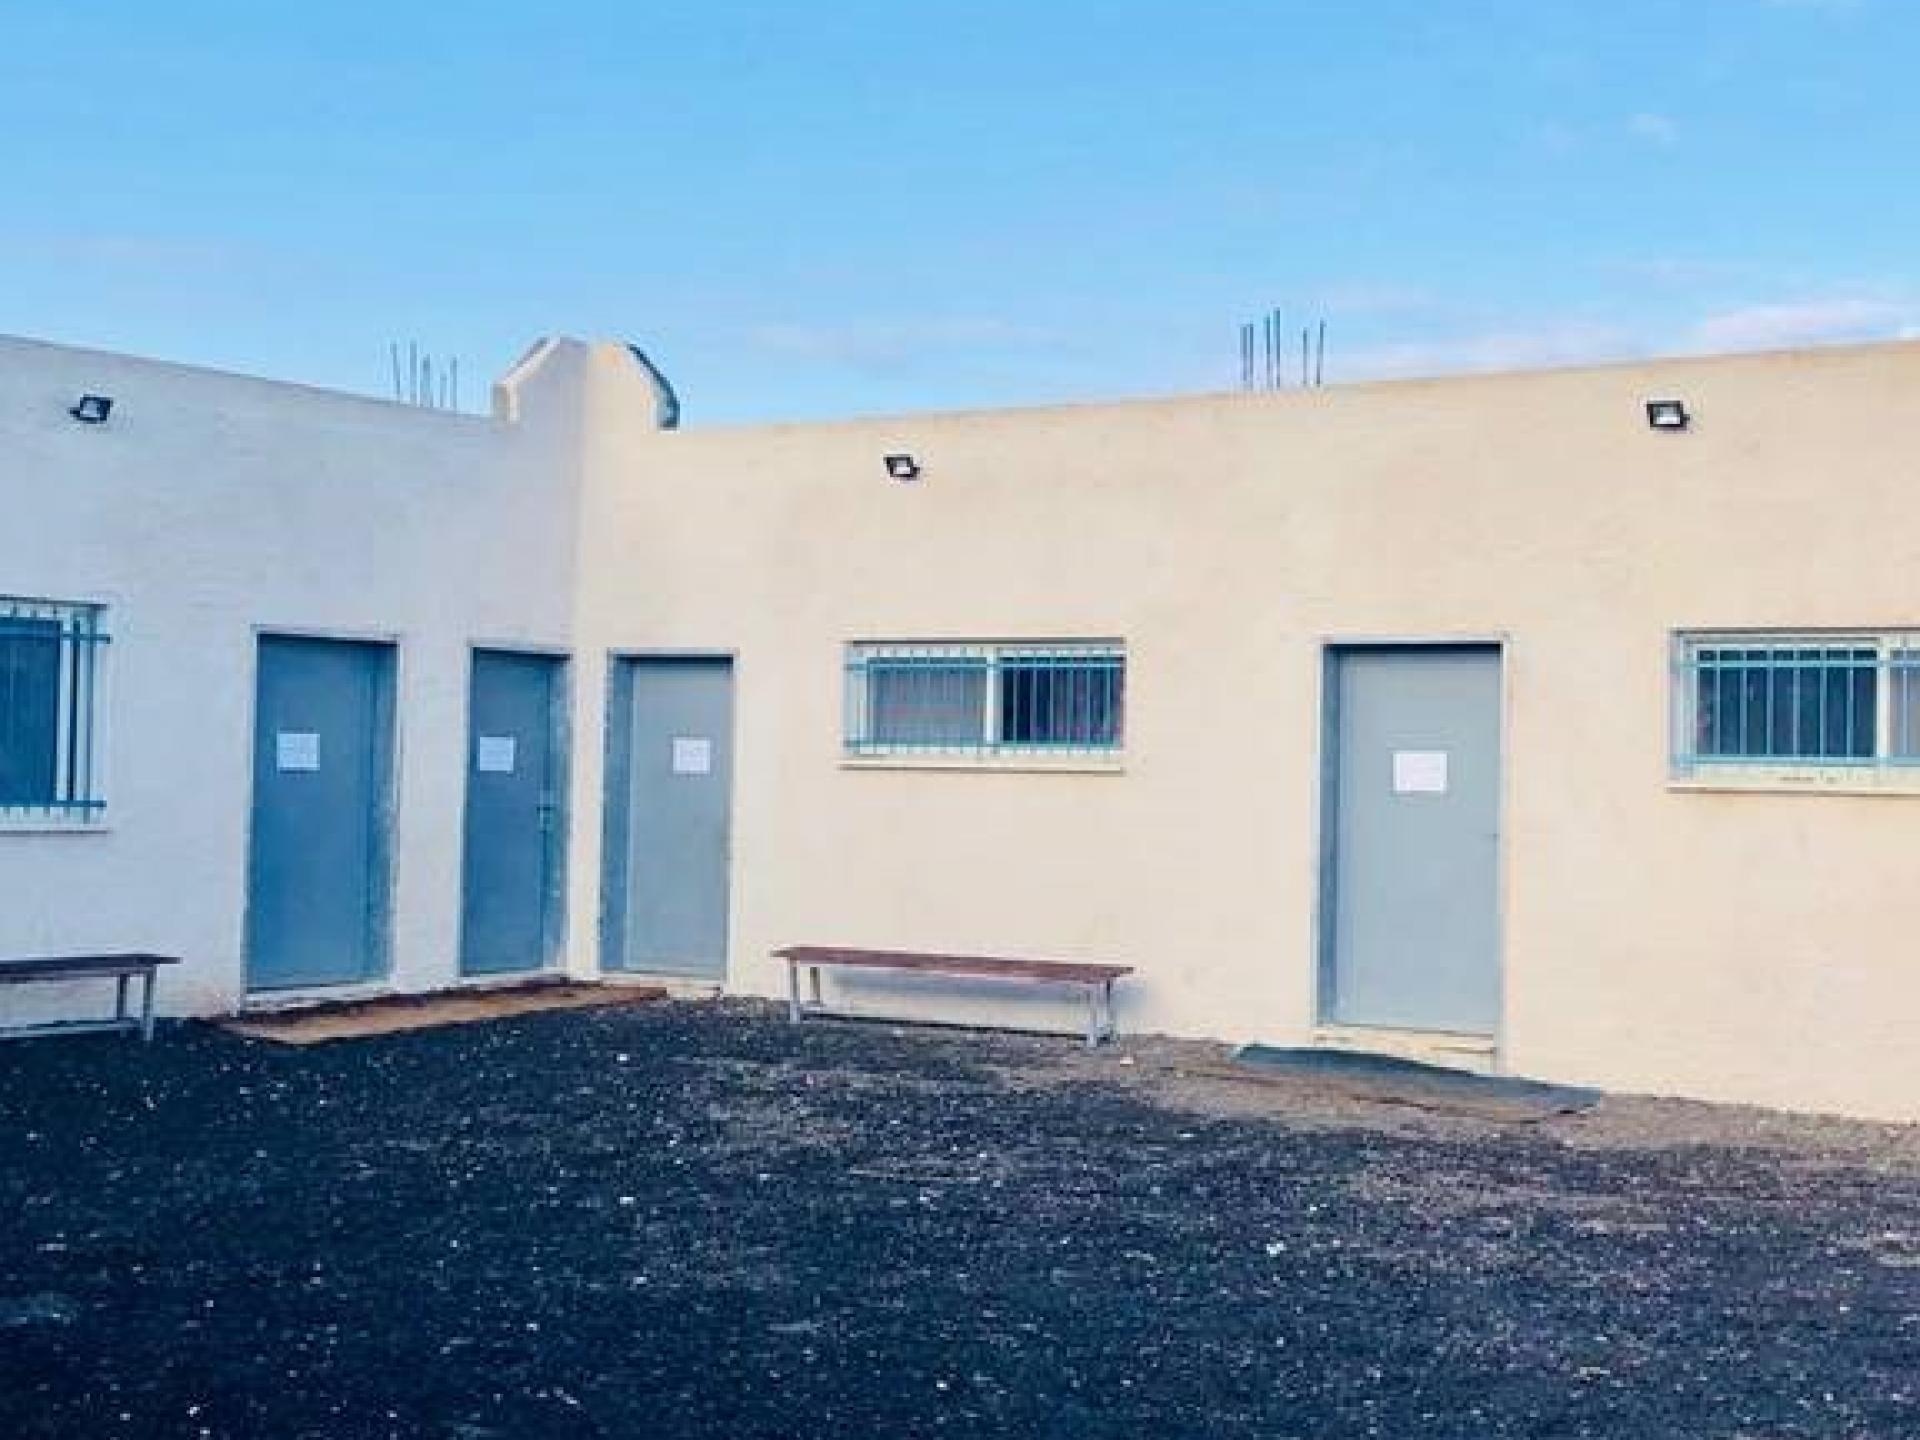 בית הספר החדש בכפר דהר אל מלכ, ליד מחסום טורה